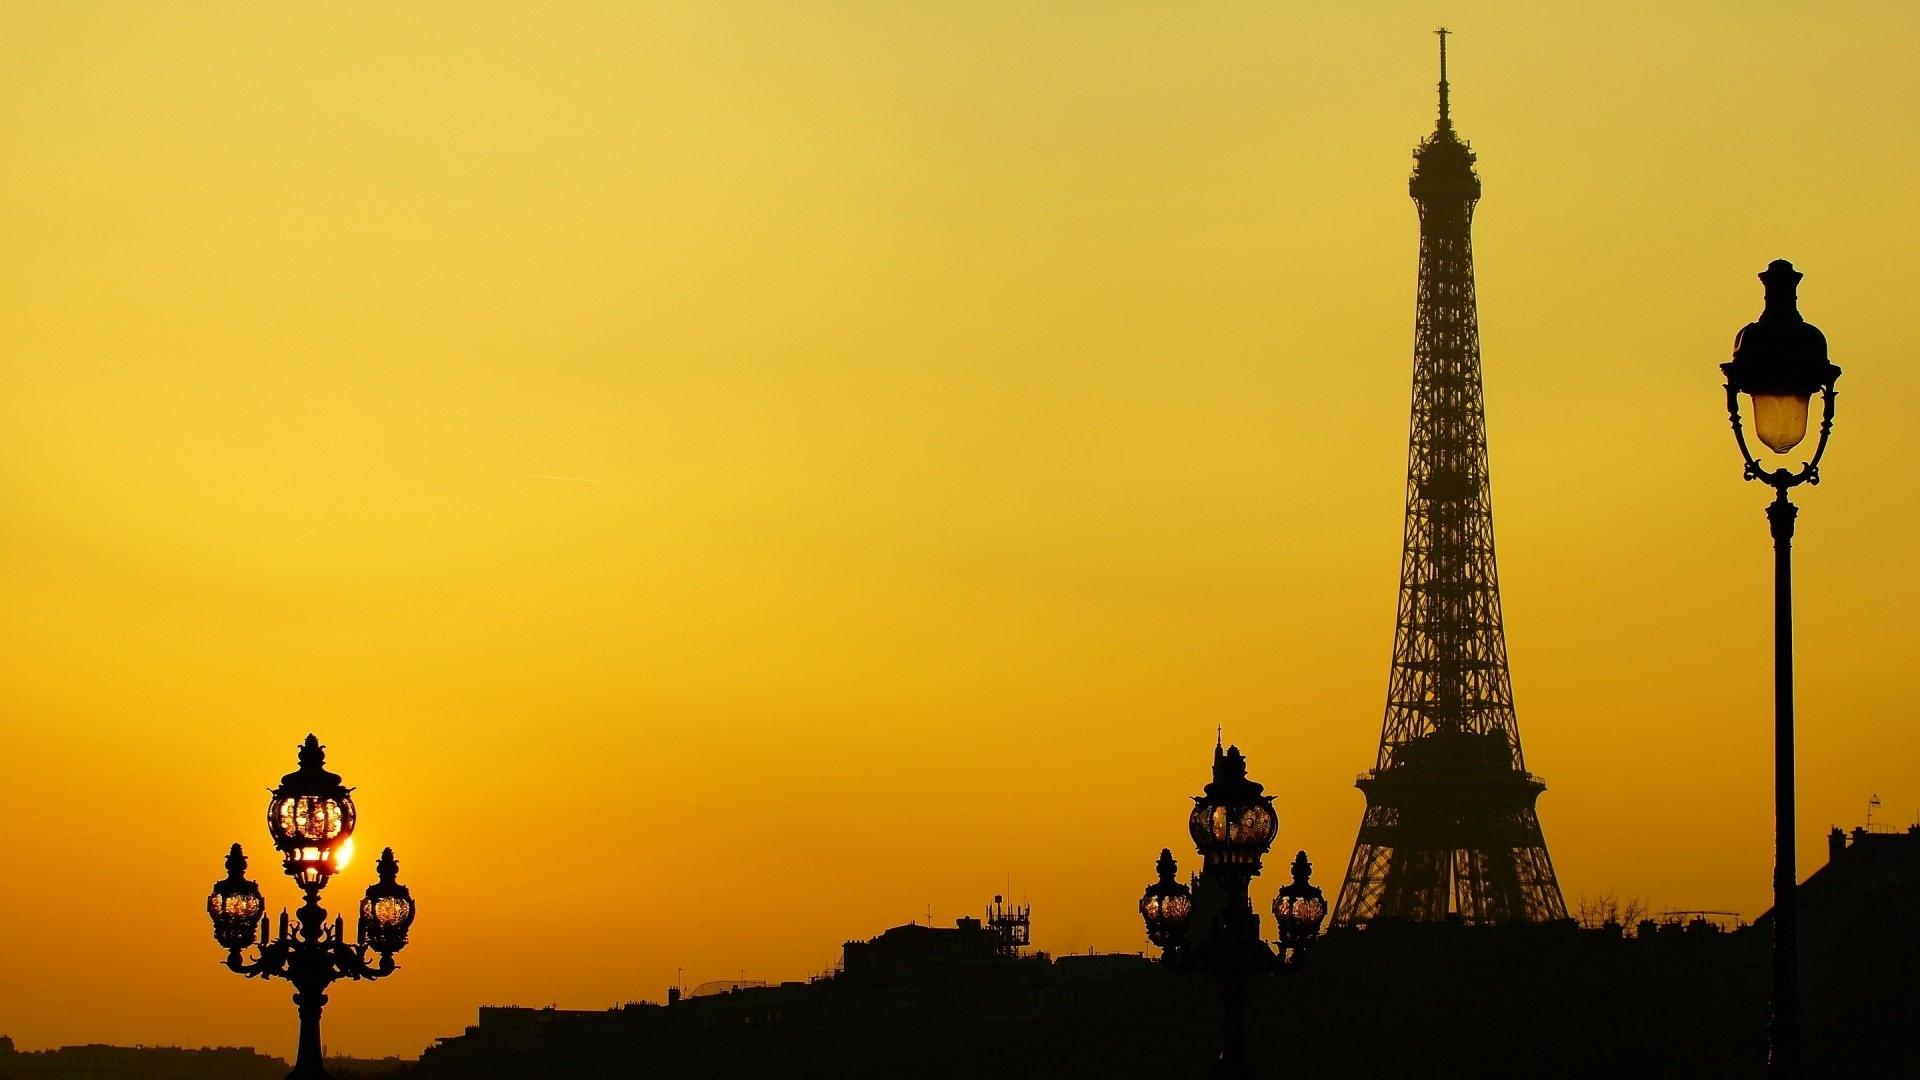 Eiffel Tower Art Desktop Wallpaper